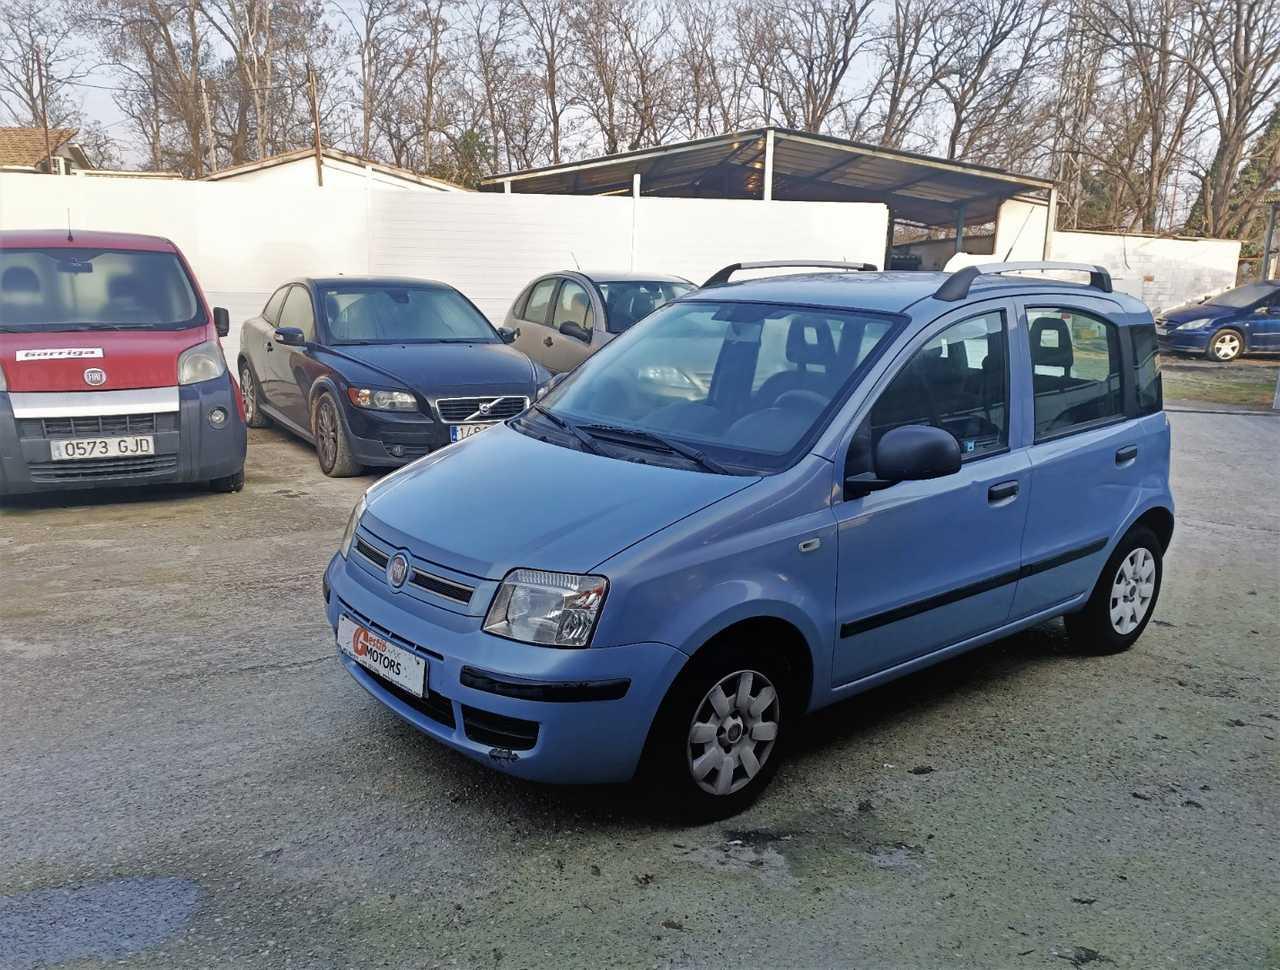 Fiat Panda 1.2 dinamic  70cv   - Foto 1